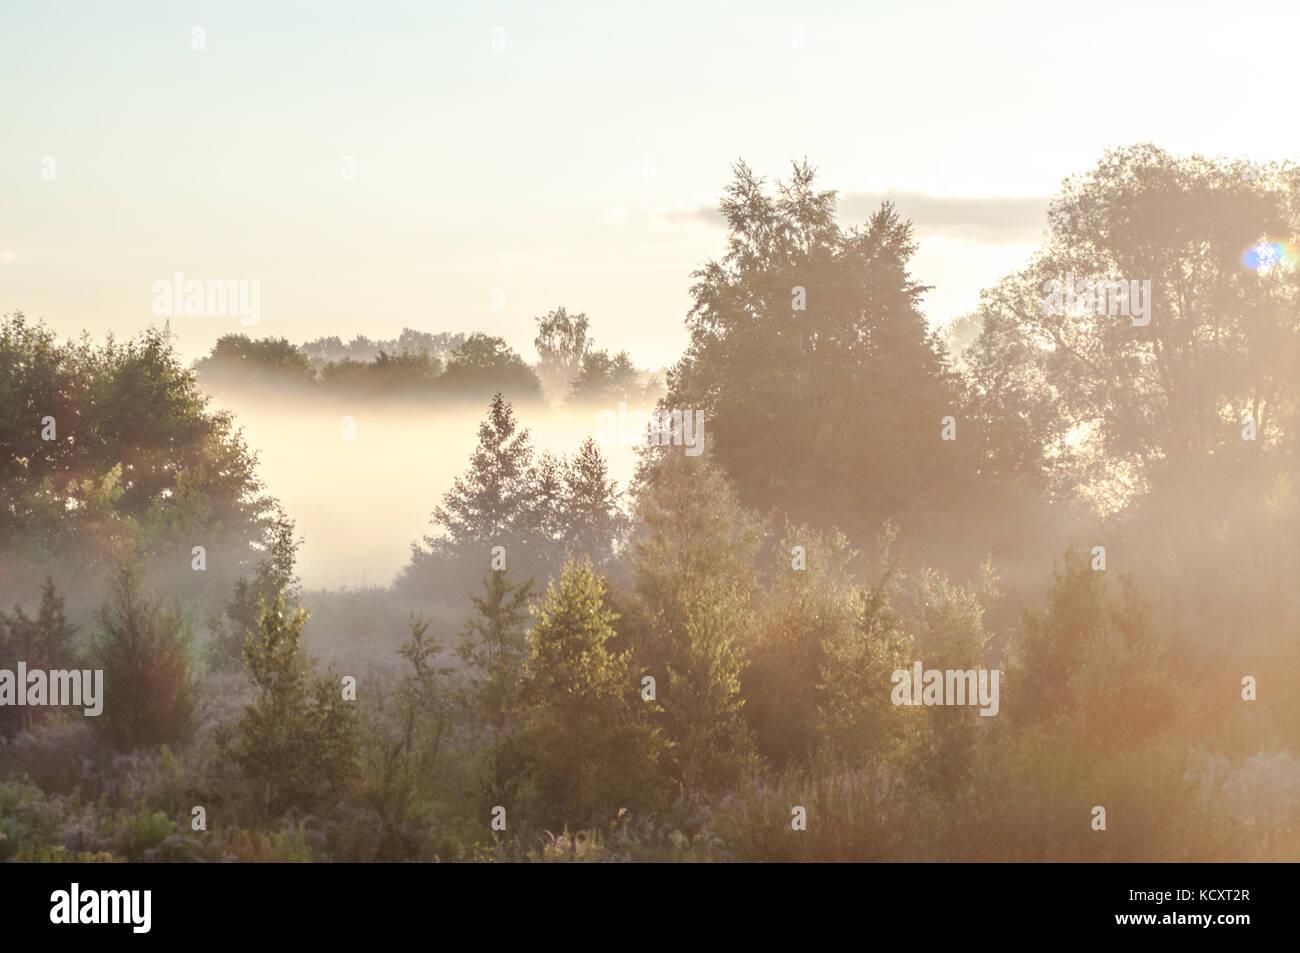 Schönen Morgen Szene. Lettische Landschaft mit nebligen Felder. Stockbild